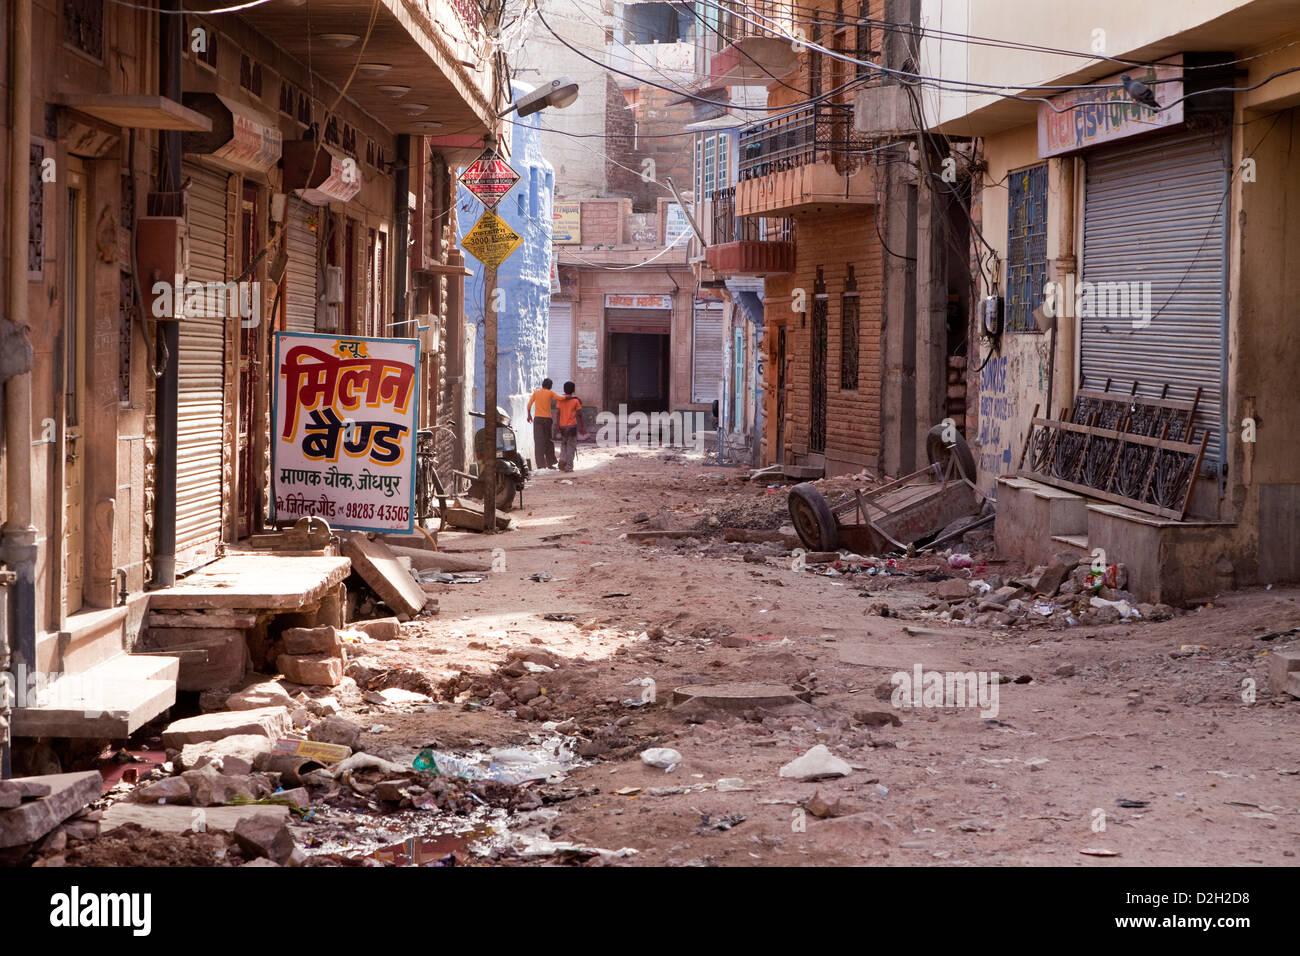 L'Inde, Rajasthan, Jodhpur, deux garçons marchant dans la rue en ruine Photo Stock